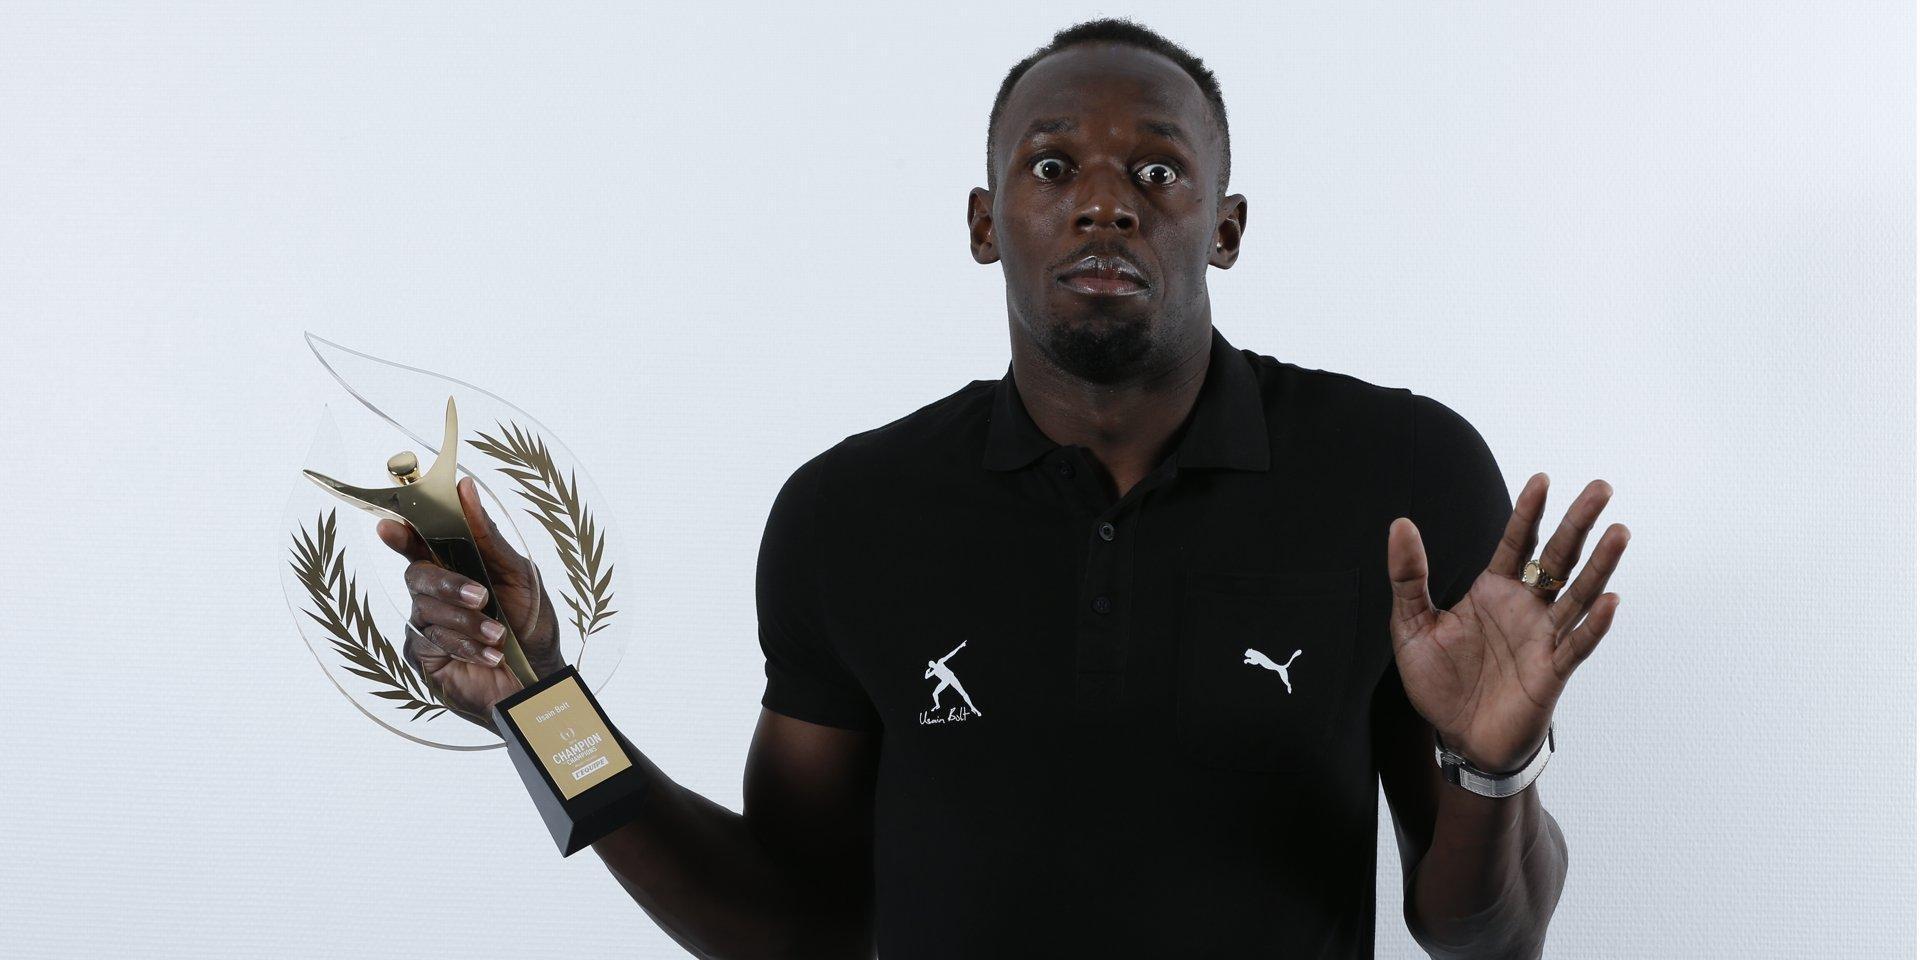 Усэйн Болт — спортсмен года по версии французской газеты L'Equipe